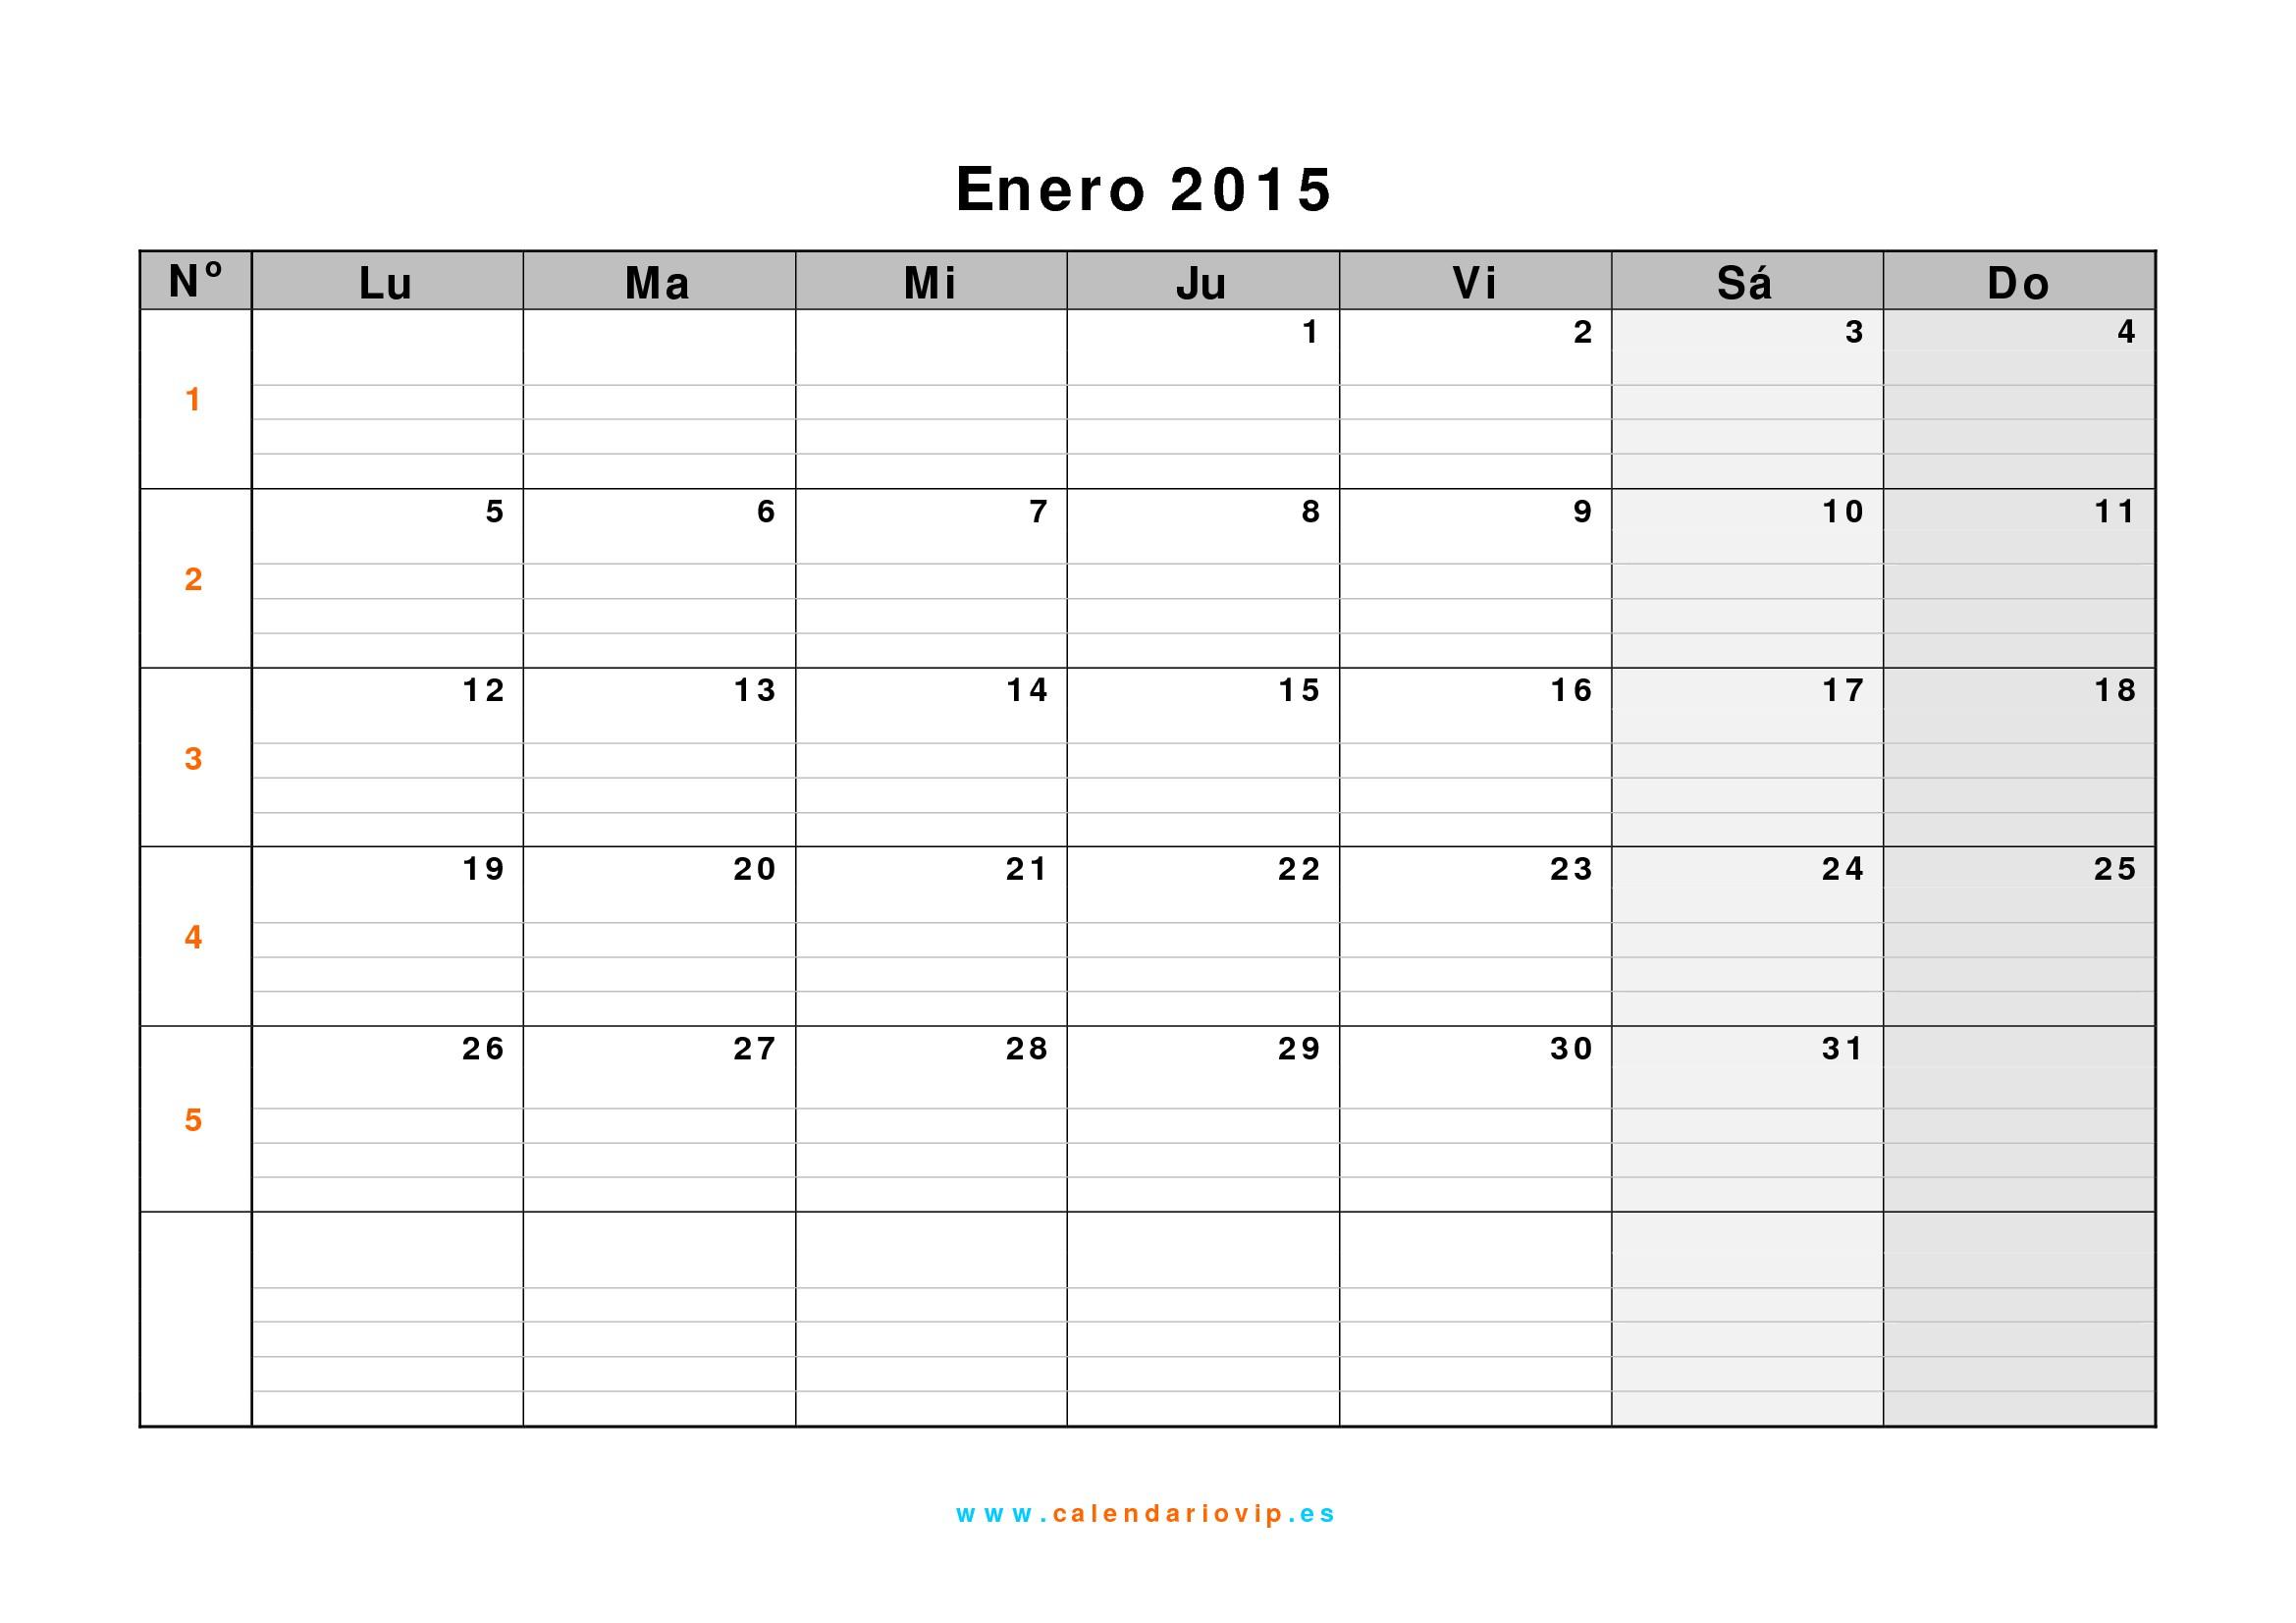 Calendario Planeador 2019 Colombia Para Imprimir Más Recientes Calendario 2016 Excel Calendario Mensual 2015 Excel Calendario Of Calendario Planeador 2019 Colombia Para Imprimir Más Caliente Image for Febrero Argentina Calendario 2018